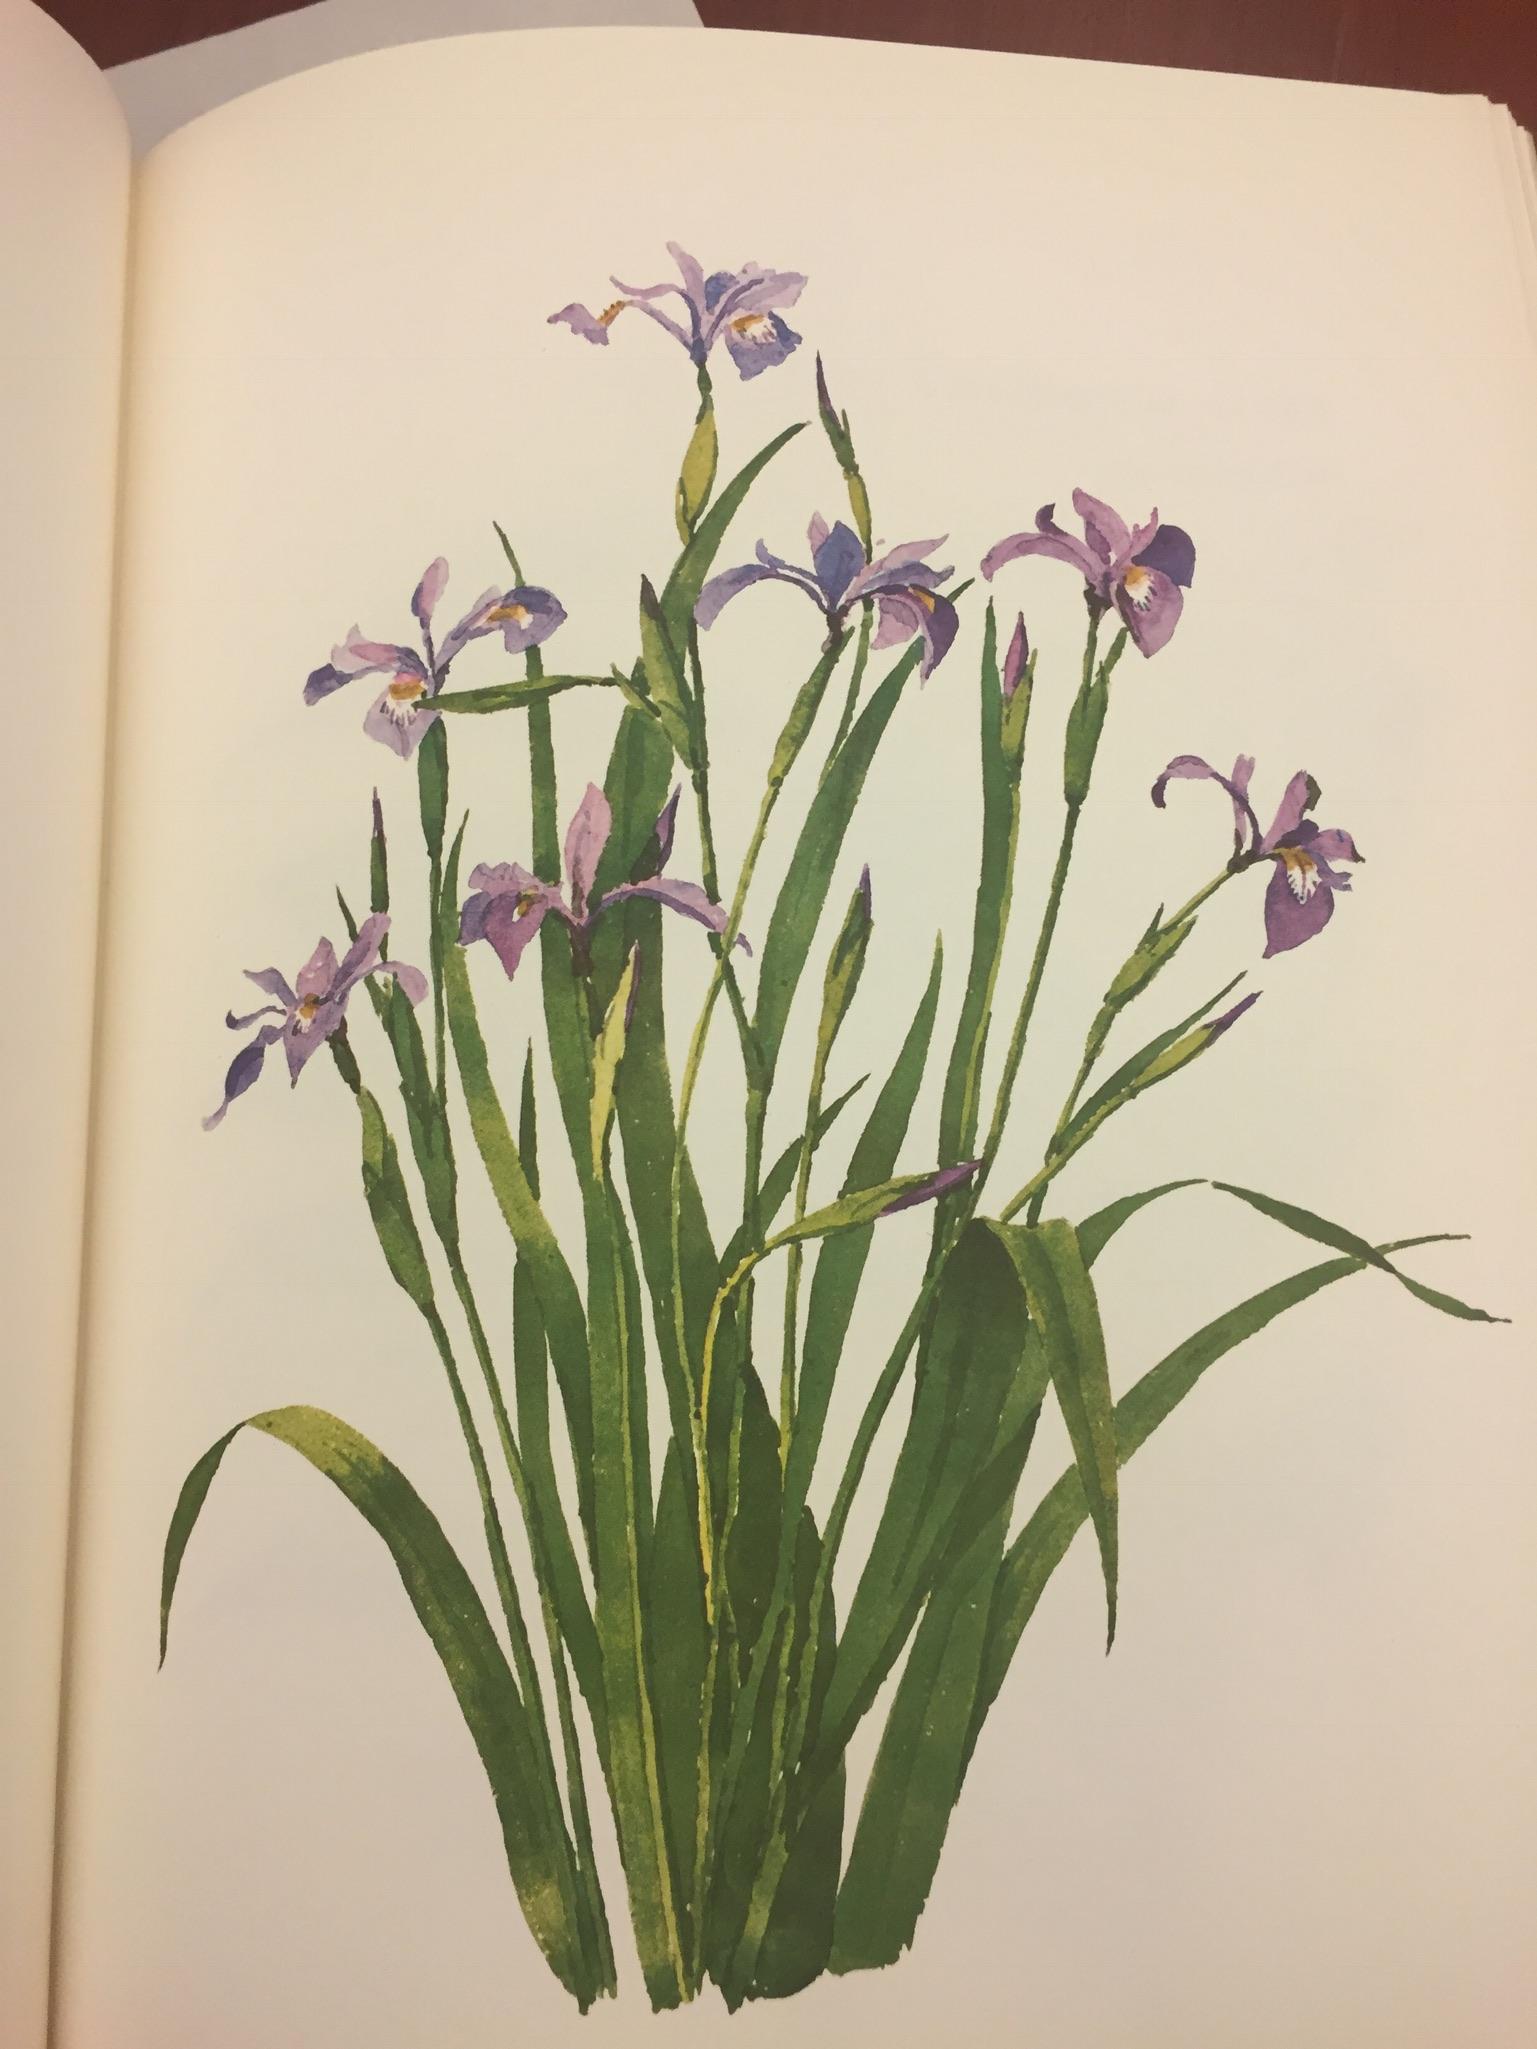 T. Merrill Prentice. Weeds & Wildflowers of Eastern North America, 1973. Minneapolis Athenaeum